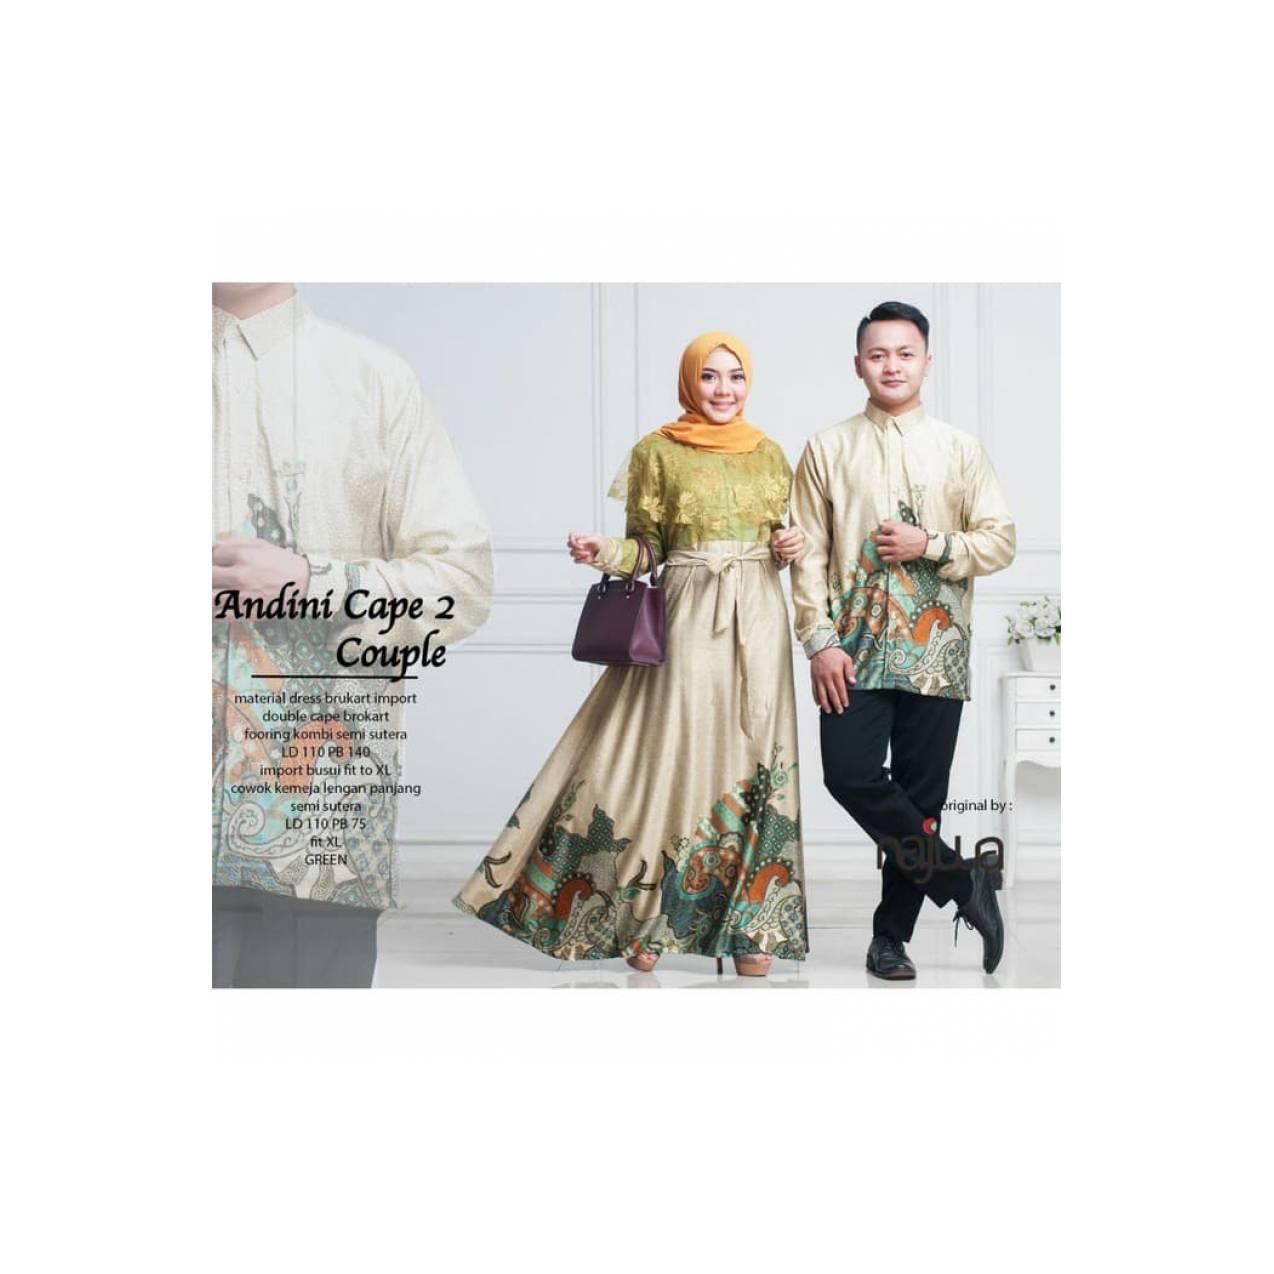 Baju Gamis Couple Andini Cape 2 Ori Najwa